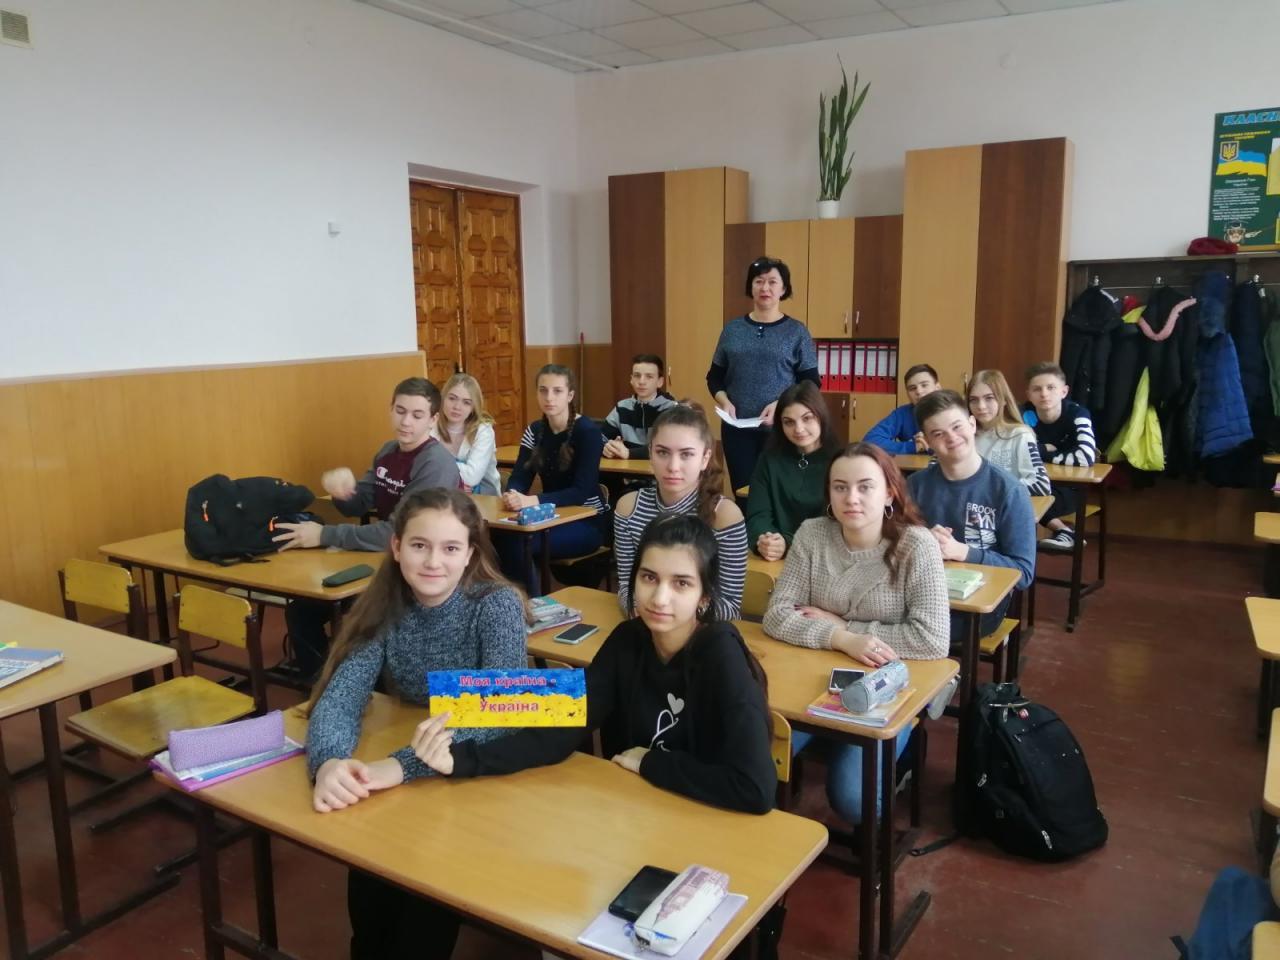 http://dunrada.gov.ua/uploadfile/archive_news/2020/02/25/2020-02-25_8653/images/images-4525.jpg